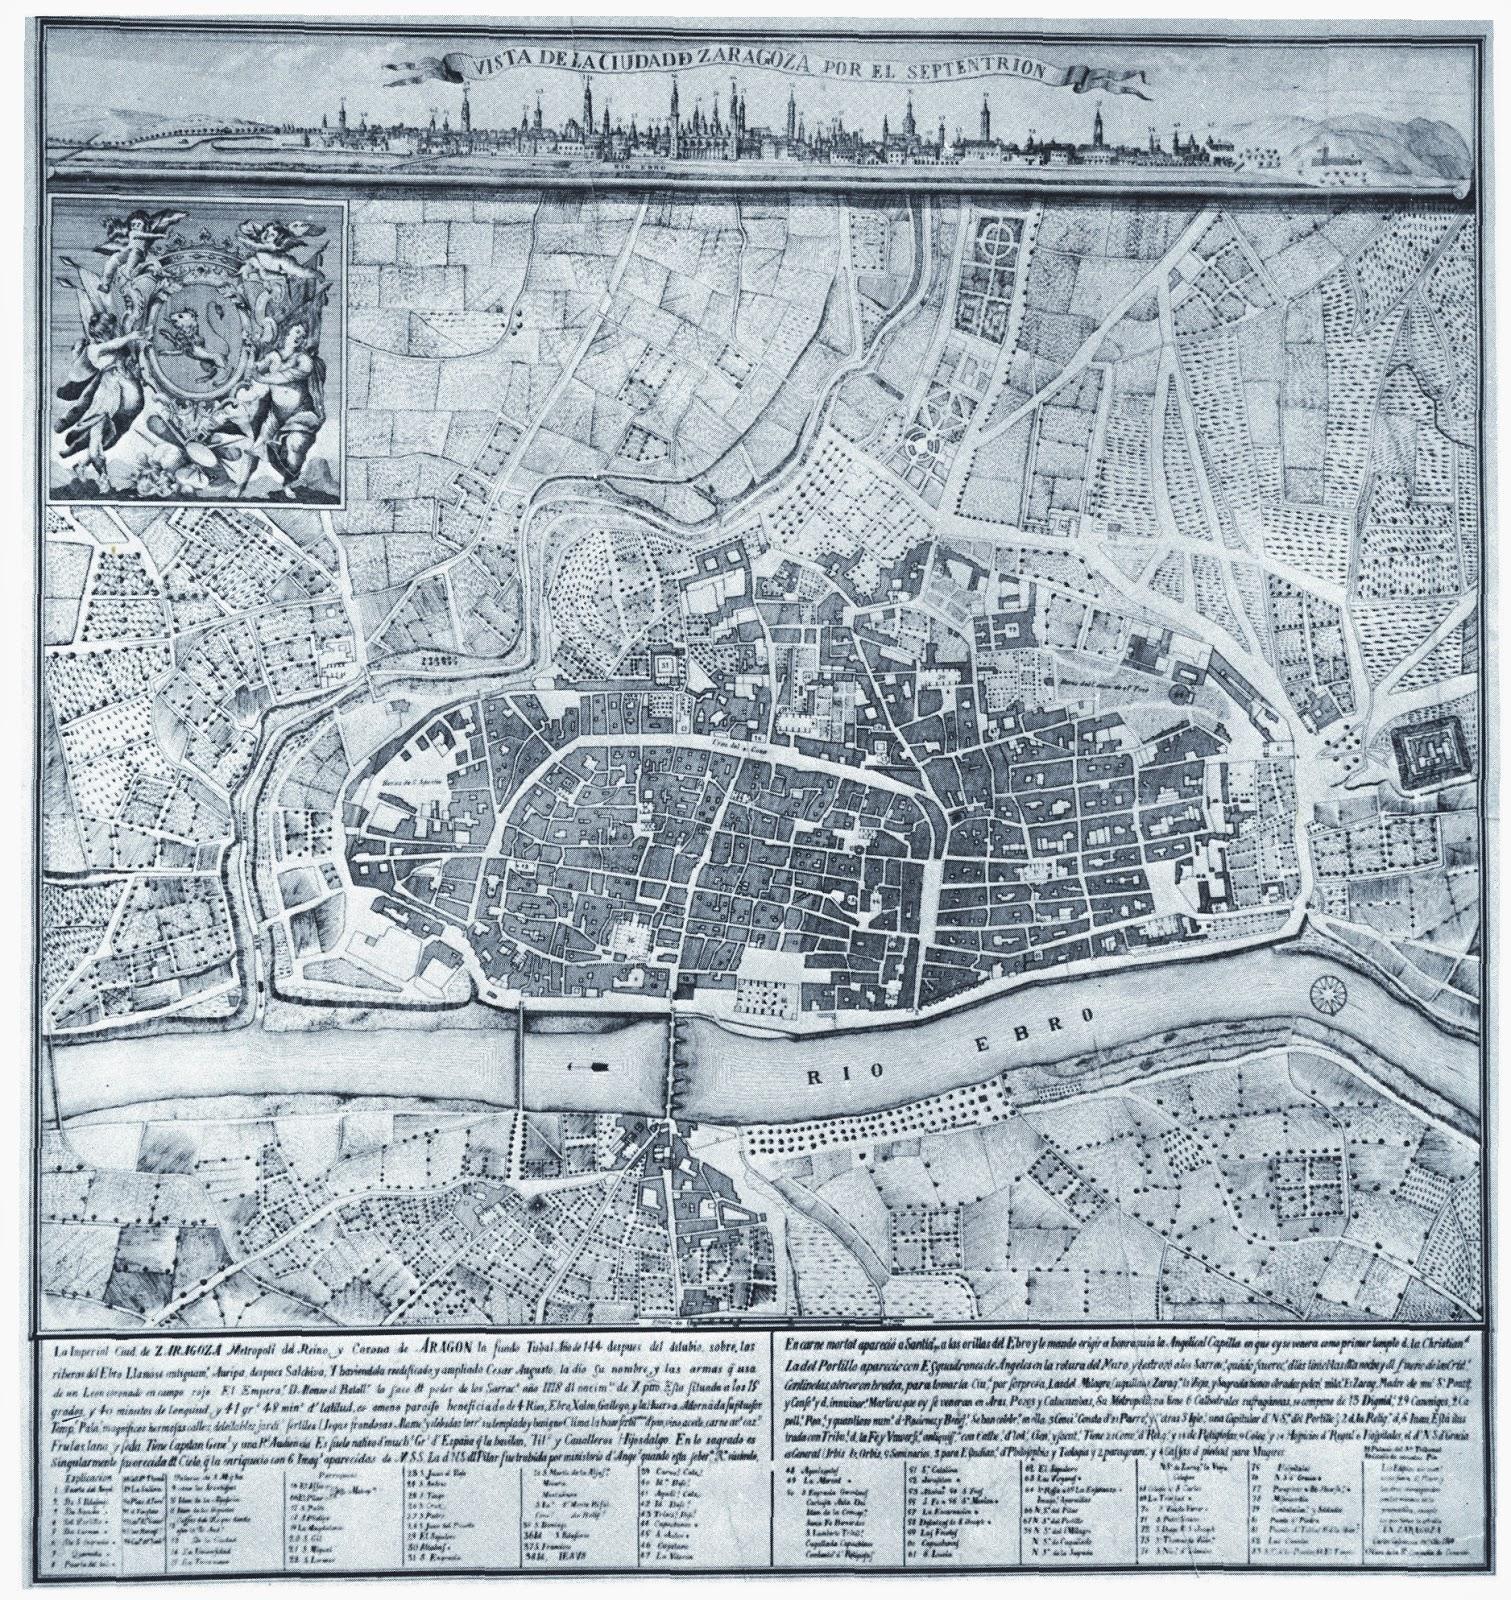 PLANOS Y MAPAS DE ARAGON: 1734   VISTA DE LA CIUDAD DE ZARAGOZA ...